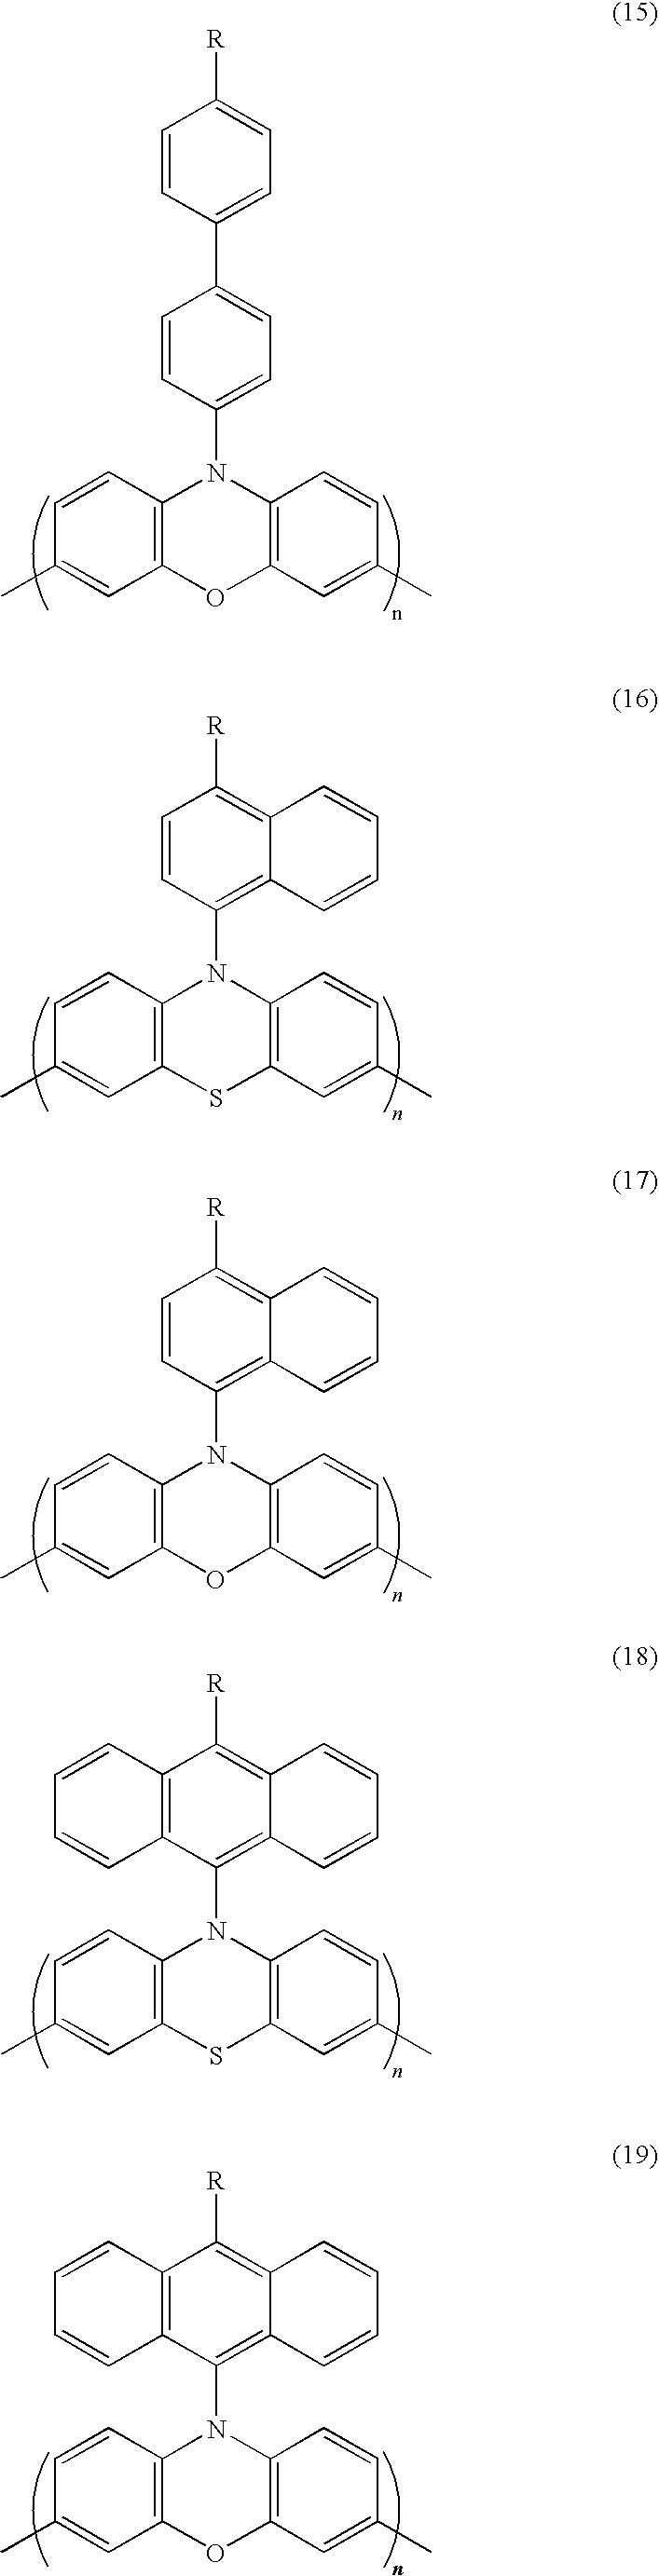 Figure US07847052-20101207-C00006